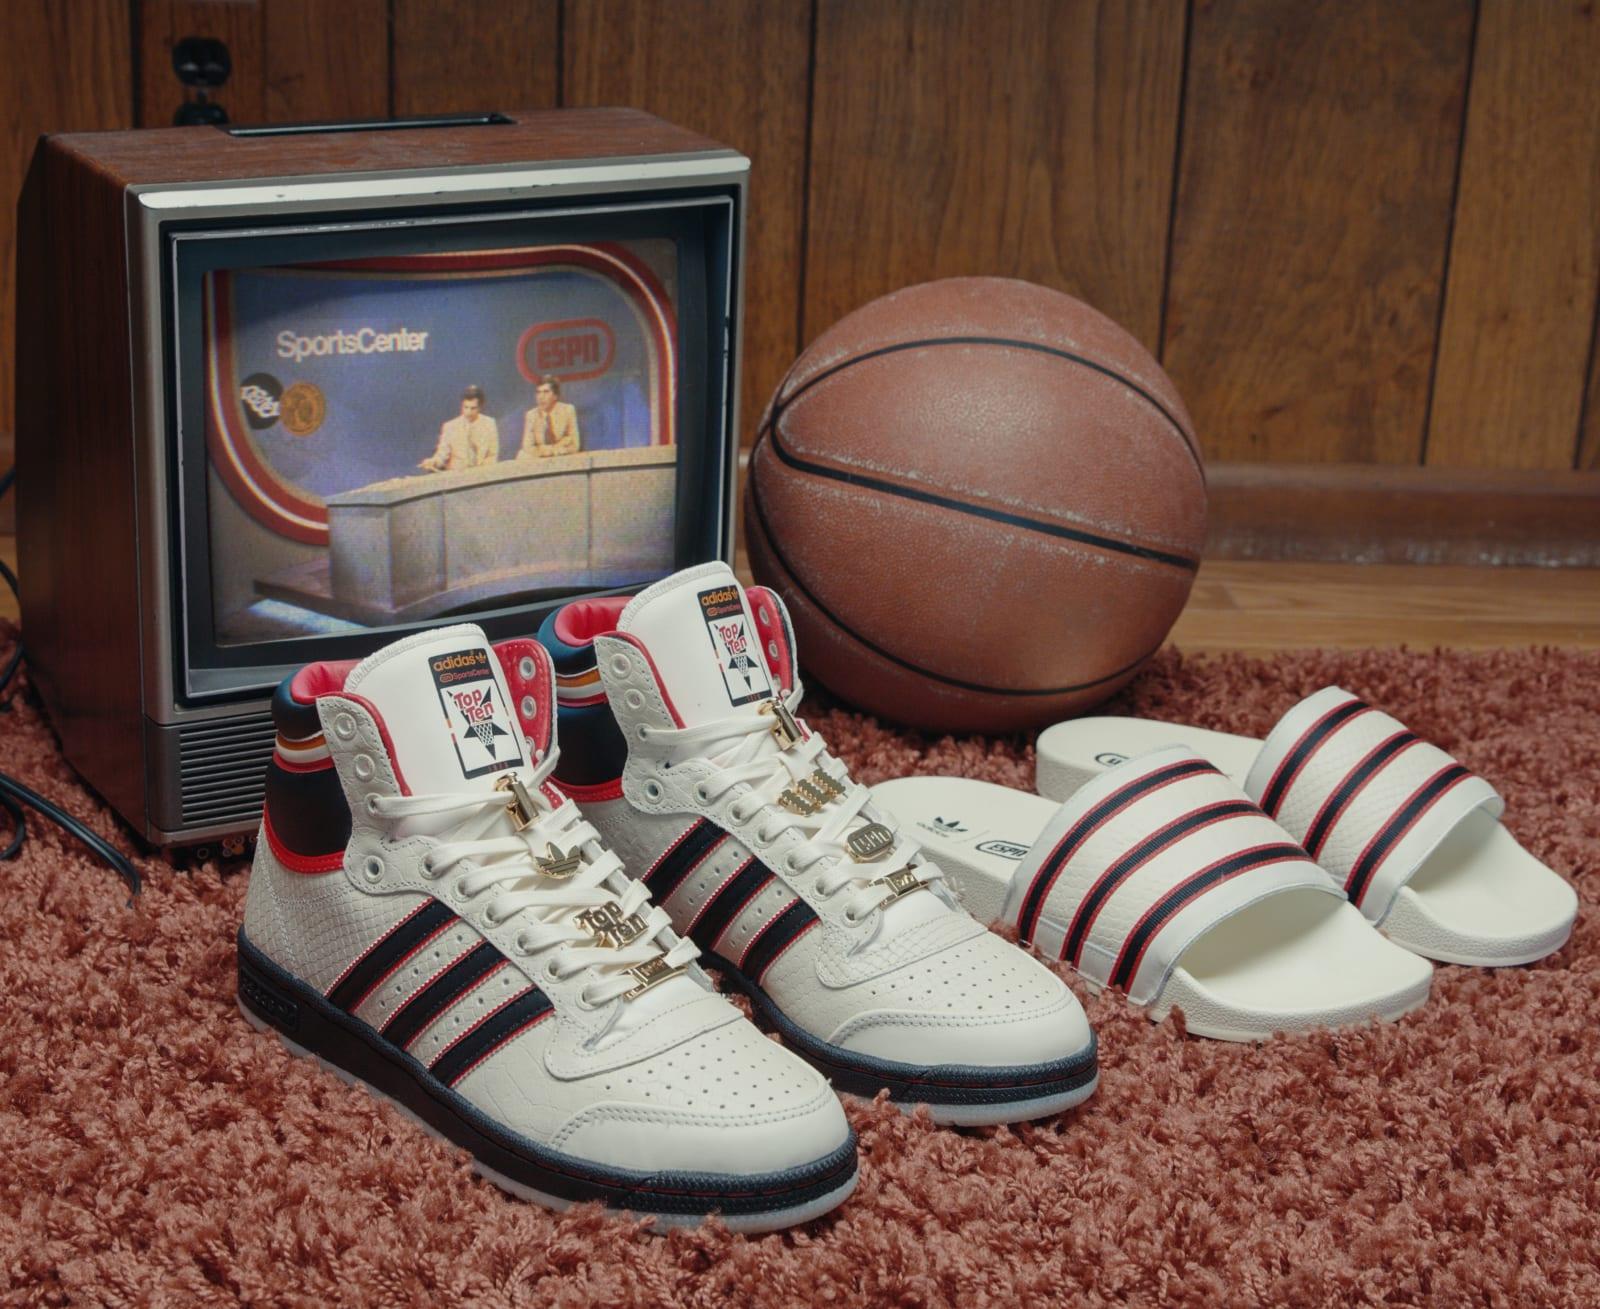 ESPN Sportscenter x adidas Collection